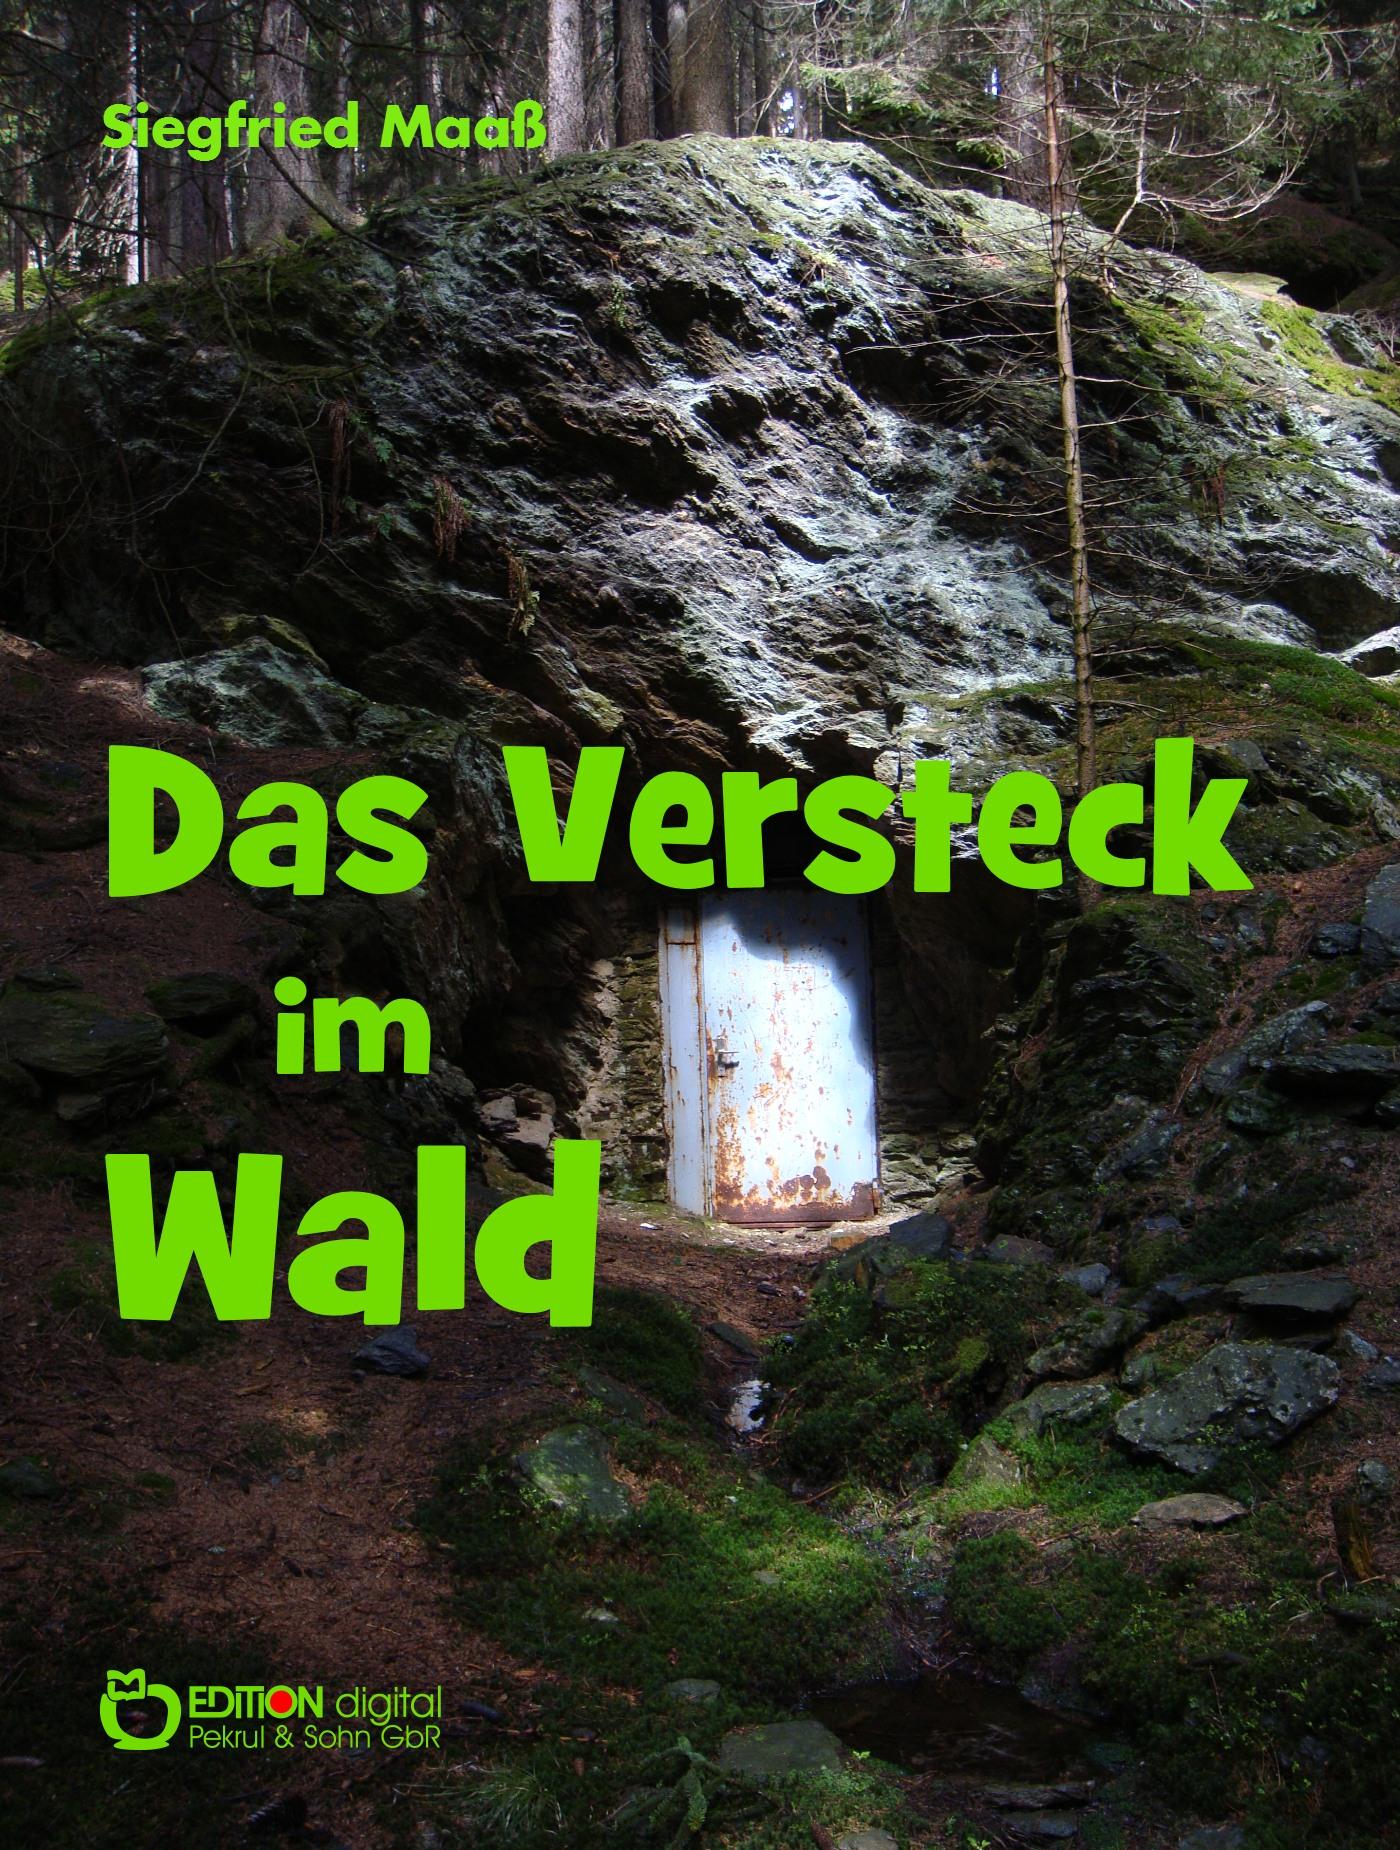 Das Versteck im Wald von Siegfried Maaß